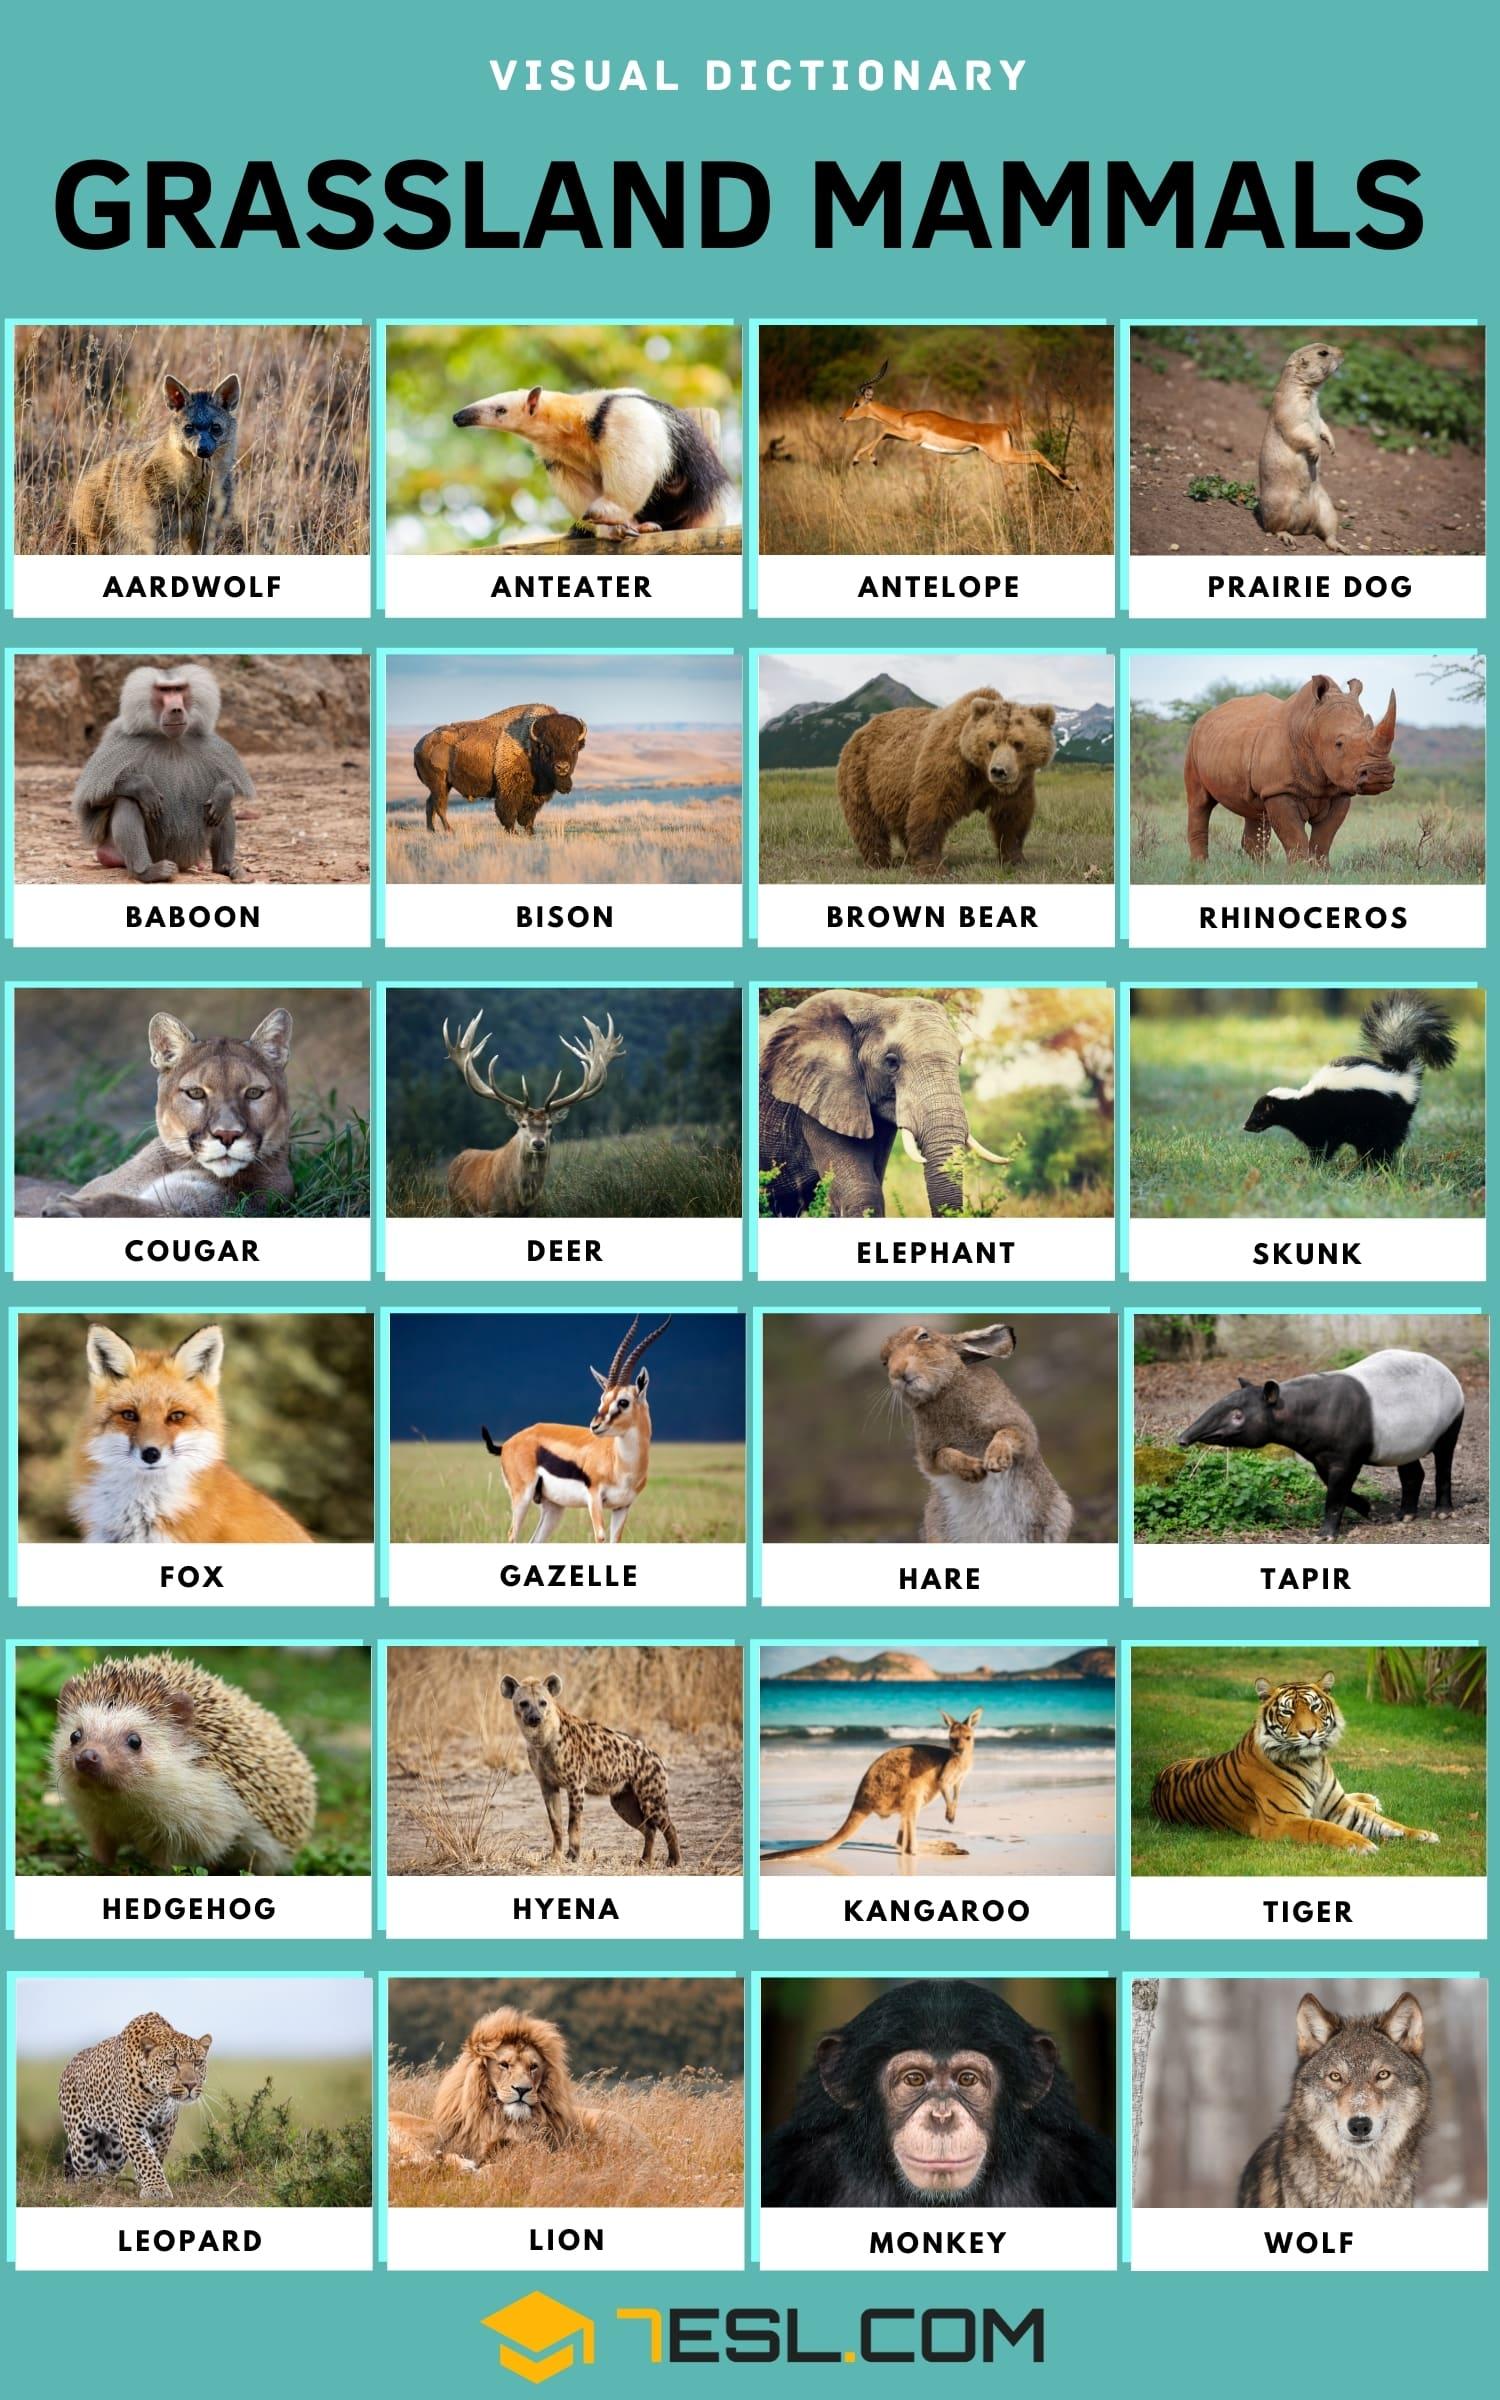 Grassland Animals - Grassland Mammals